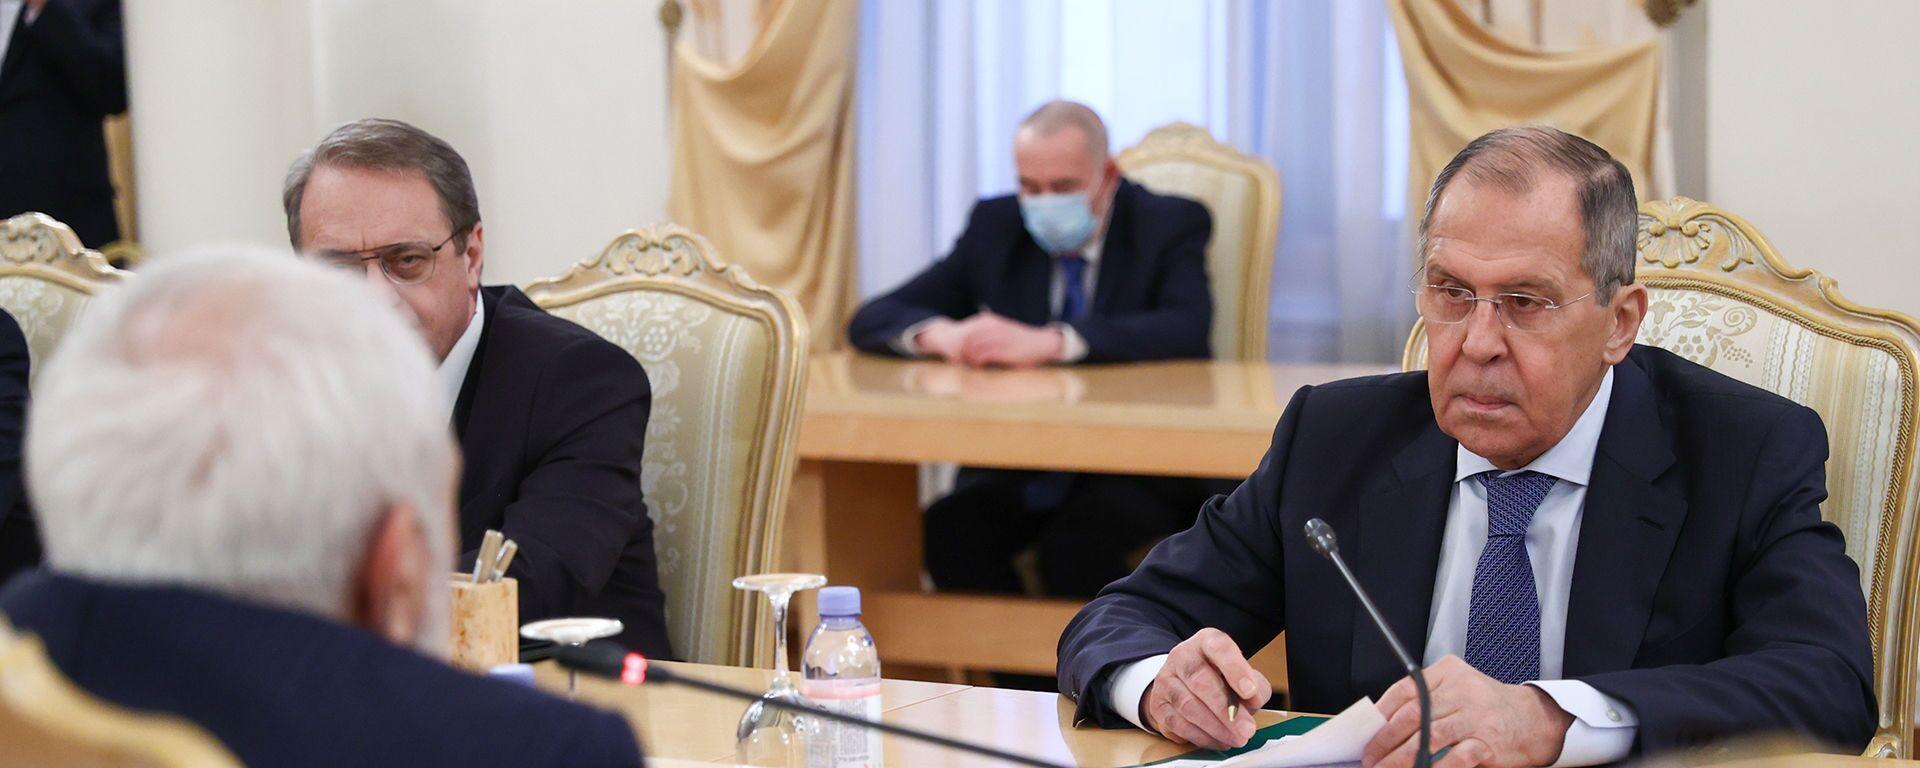 Лавров: Россия заинтересована в углублении диалога с Ираном по Карабаху - Sputnik Латвия, 1920, 26.01.2021